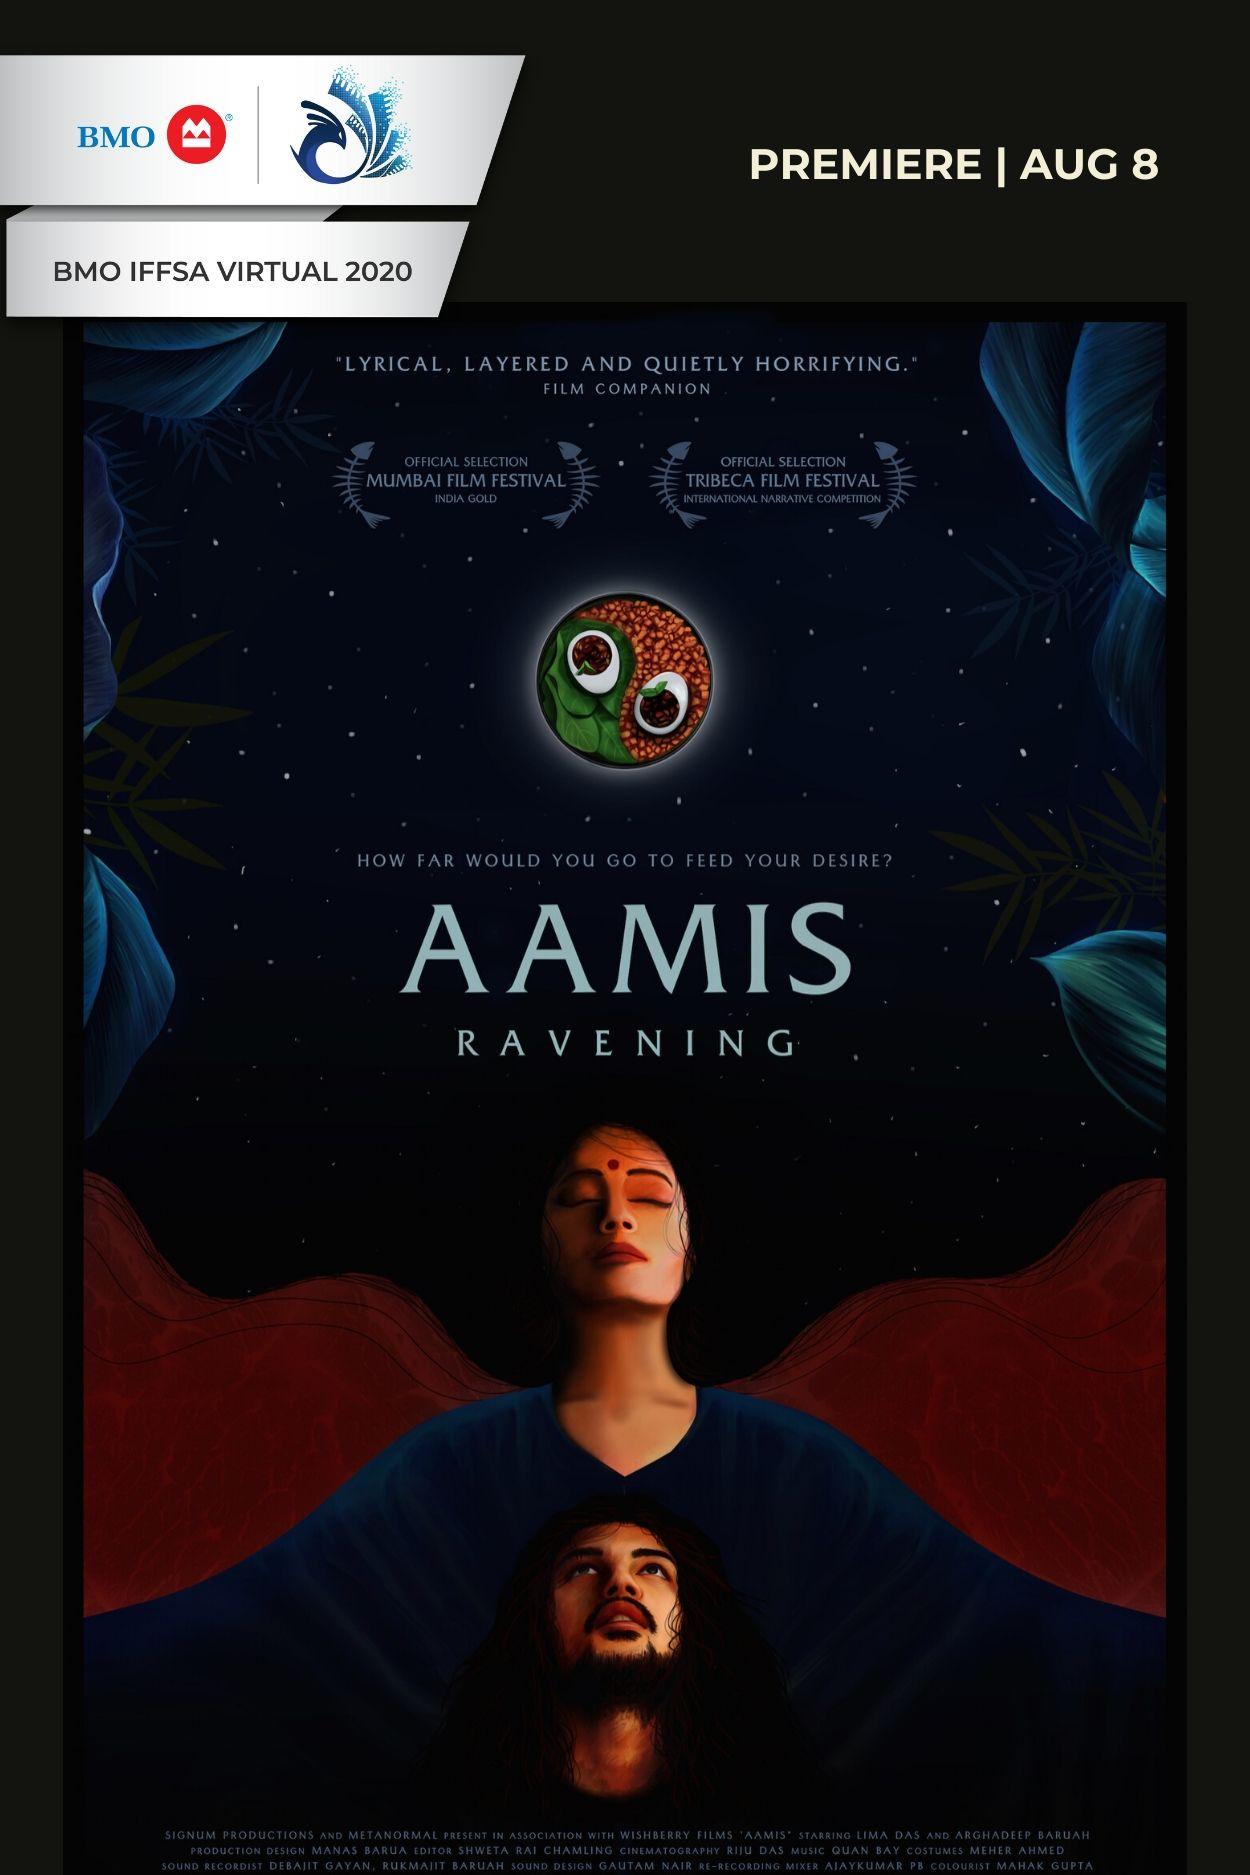 AAMIS Jpeg